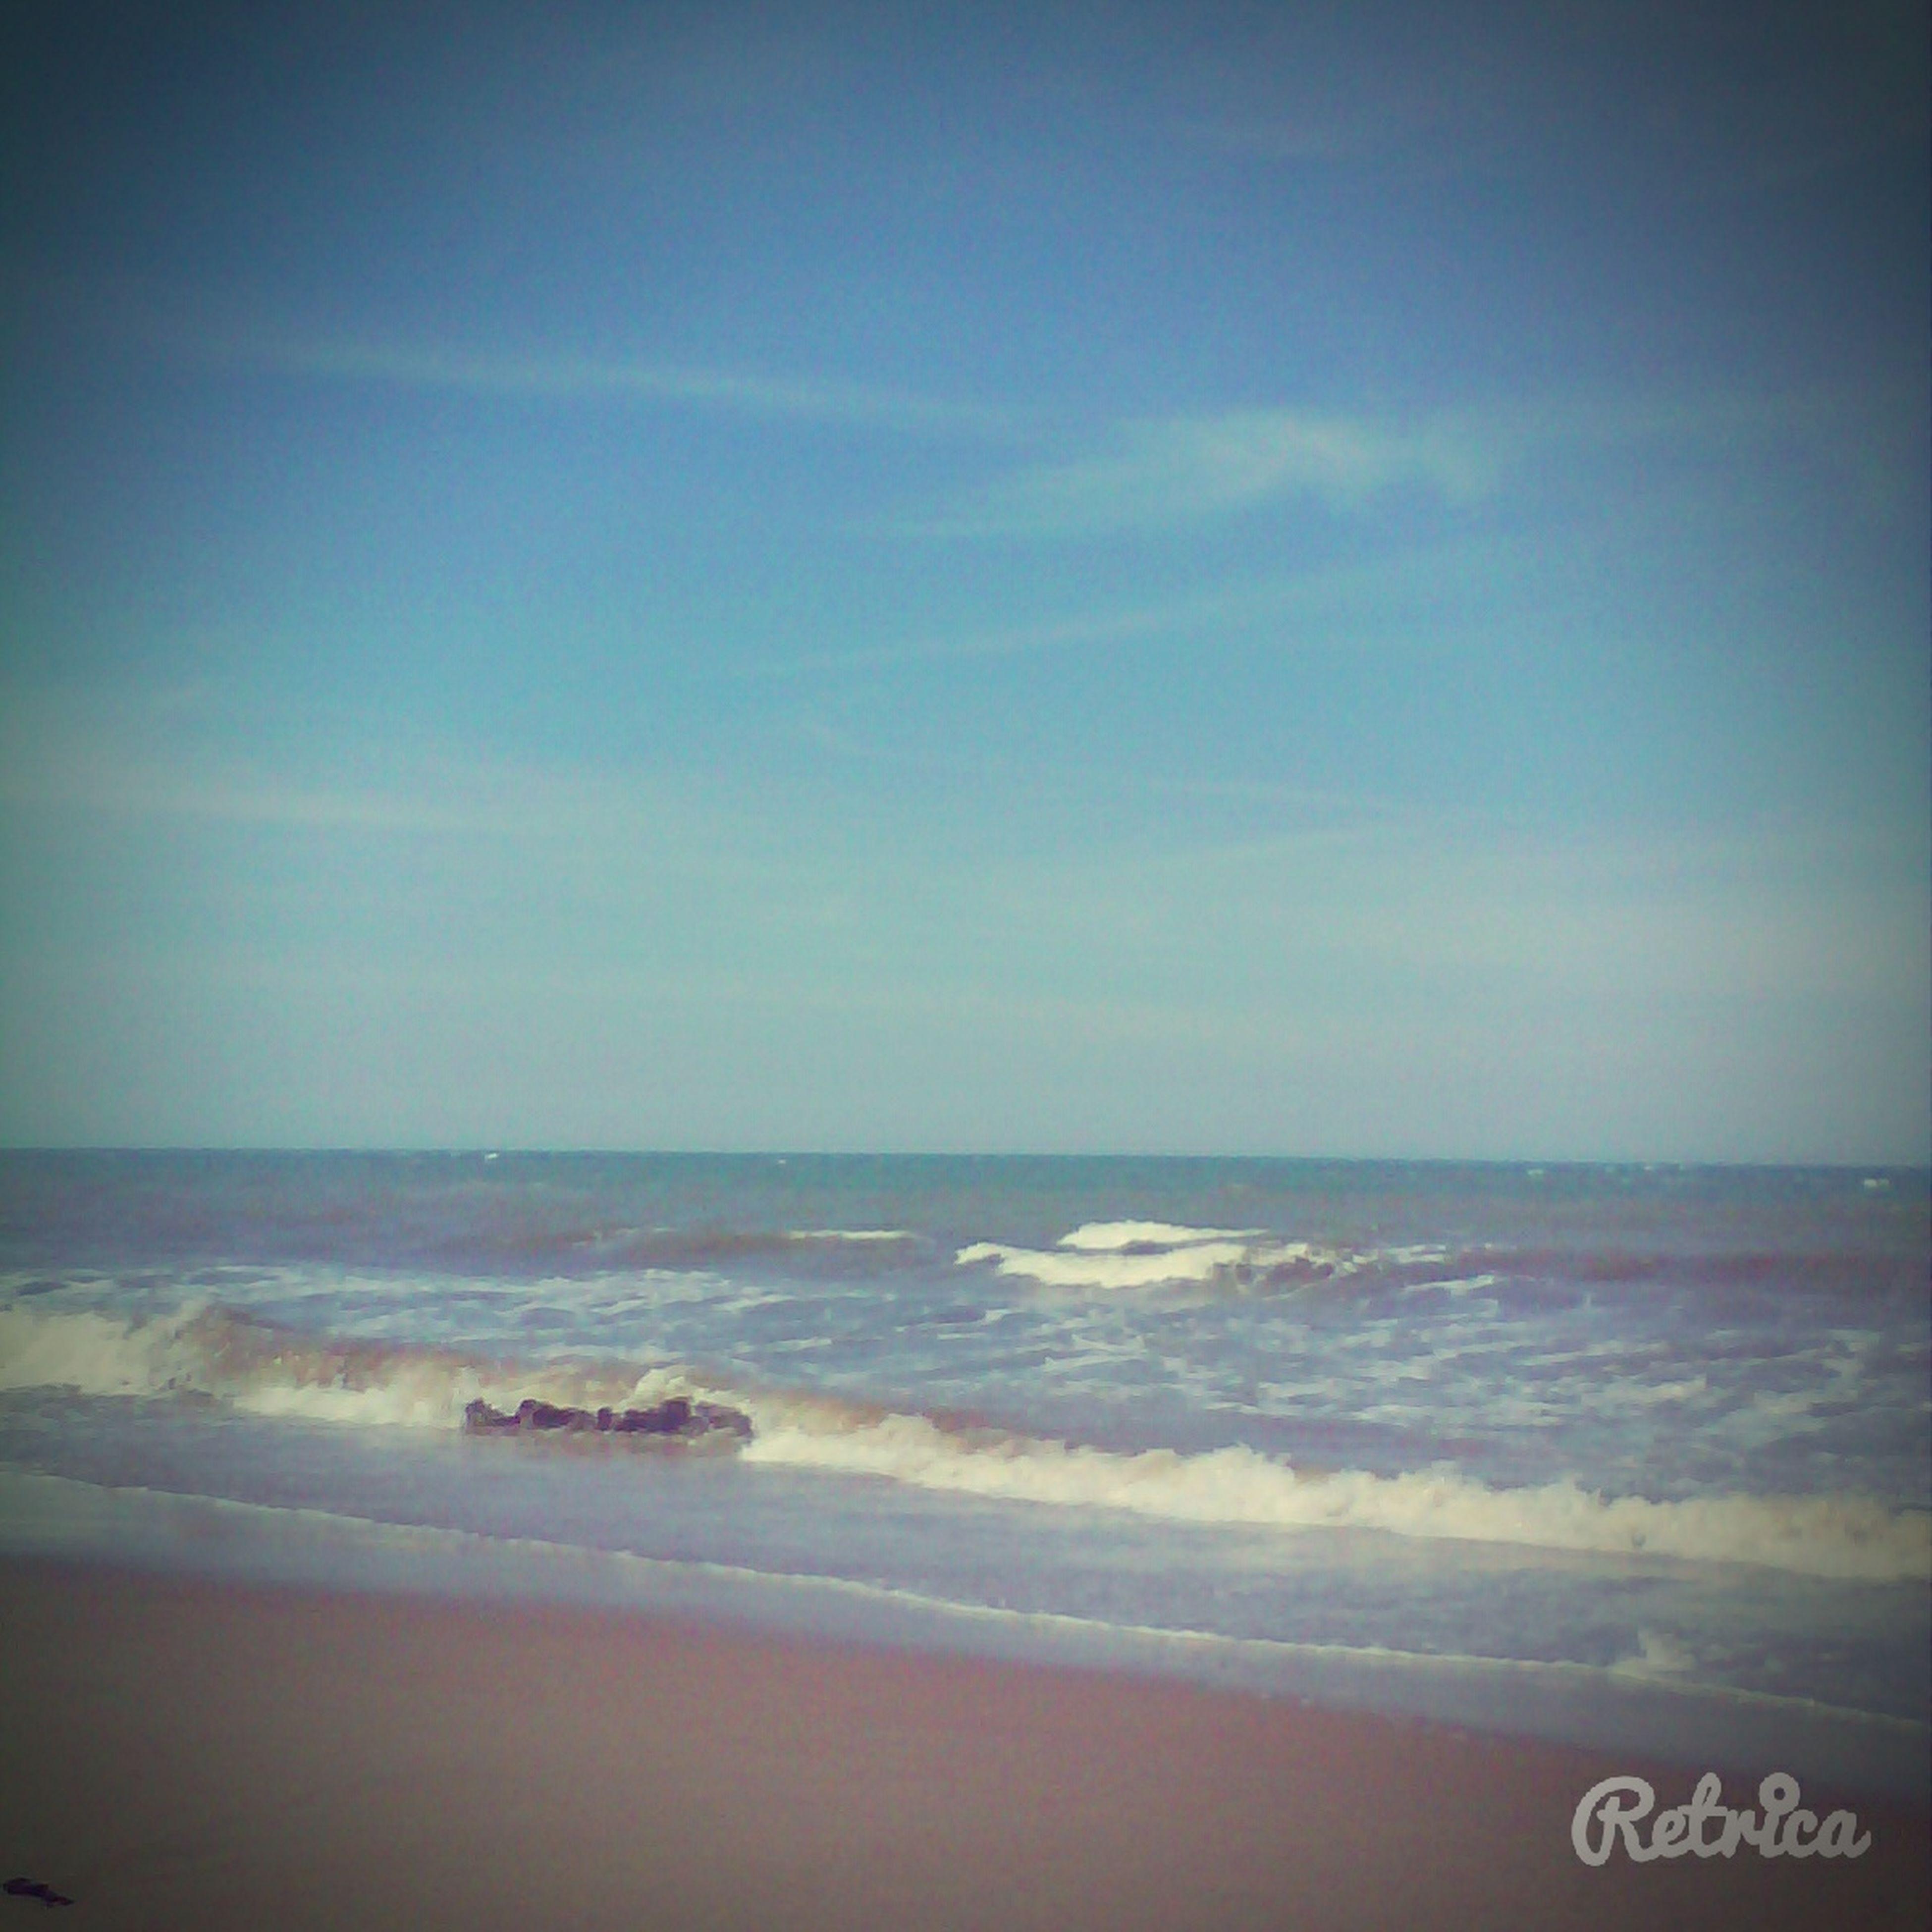 Nada melhor q o barulho do mar suando na brisa do verão;-)